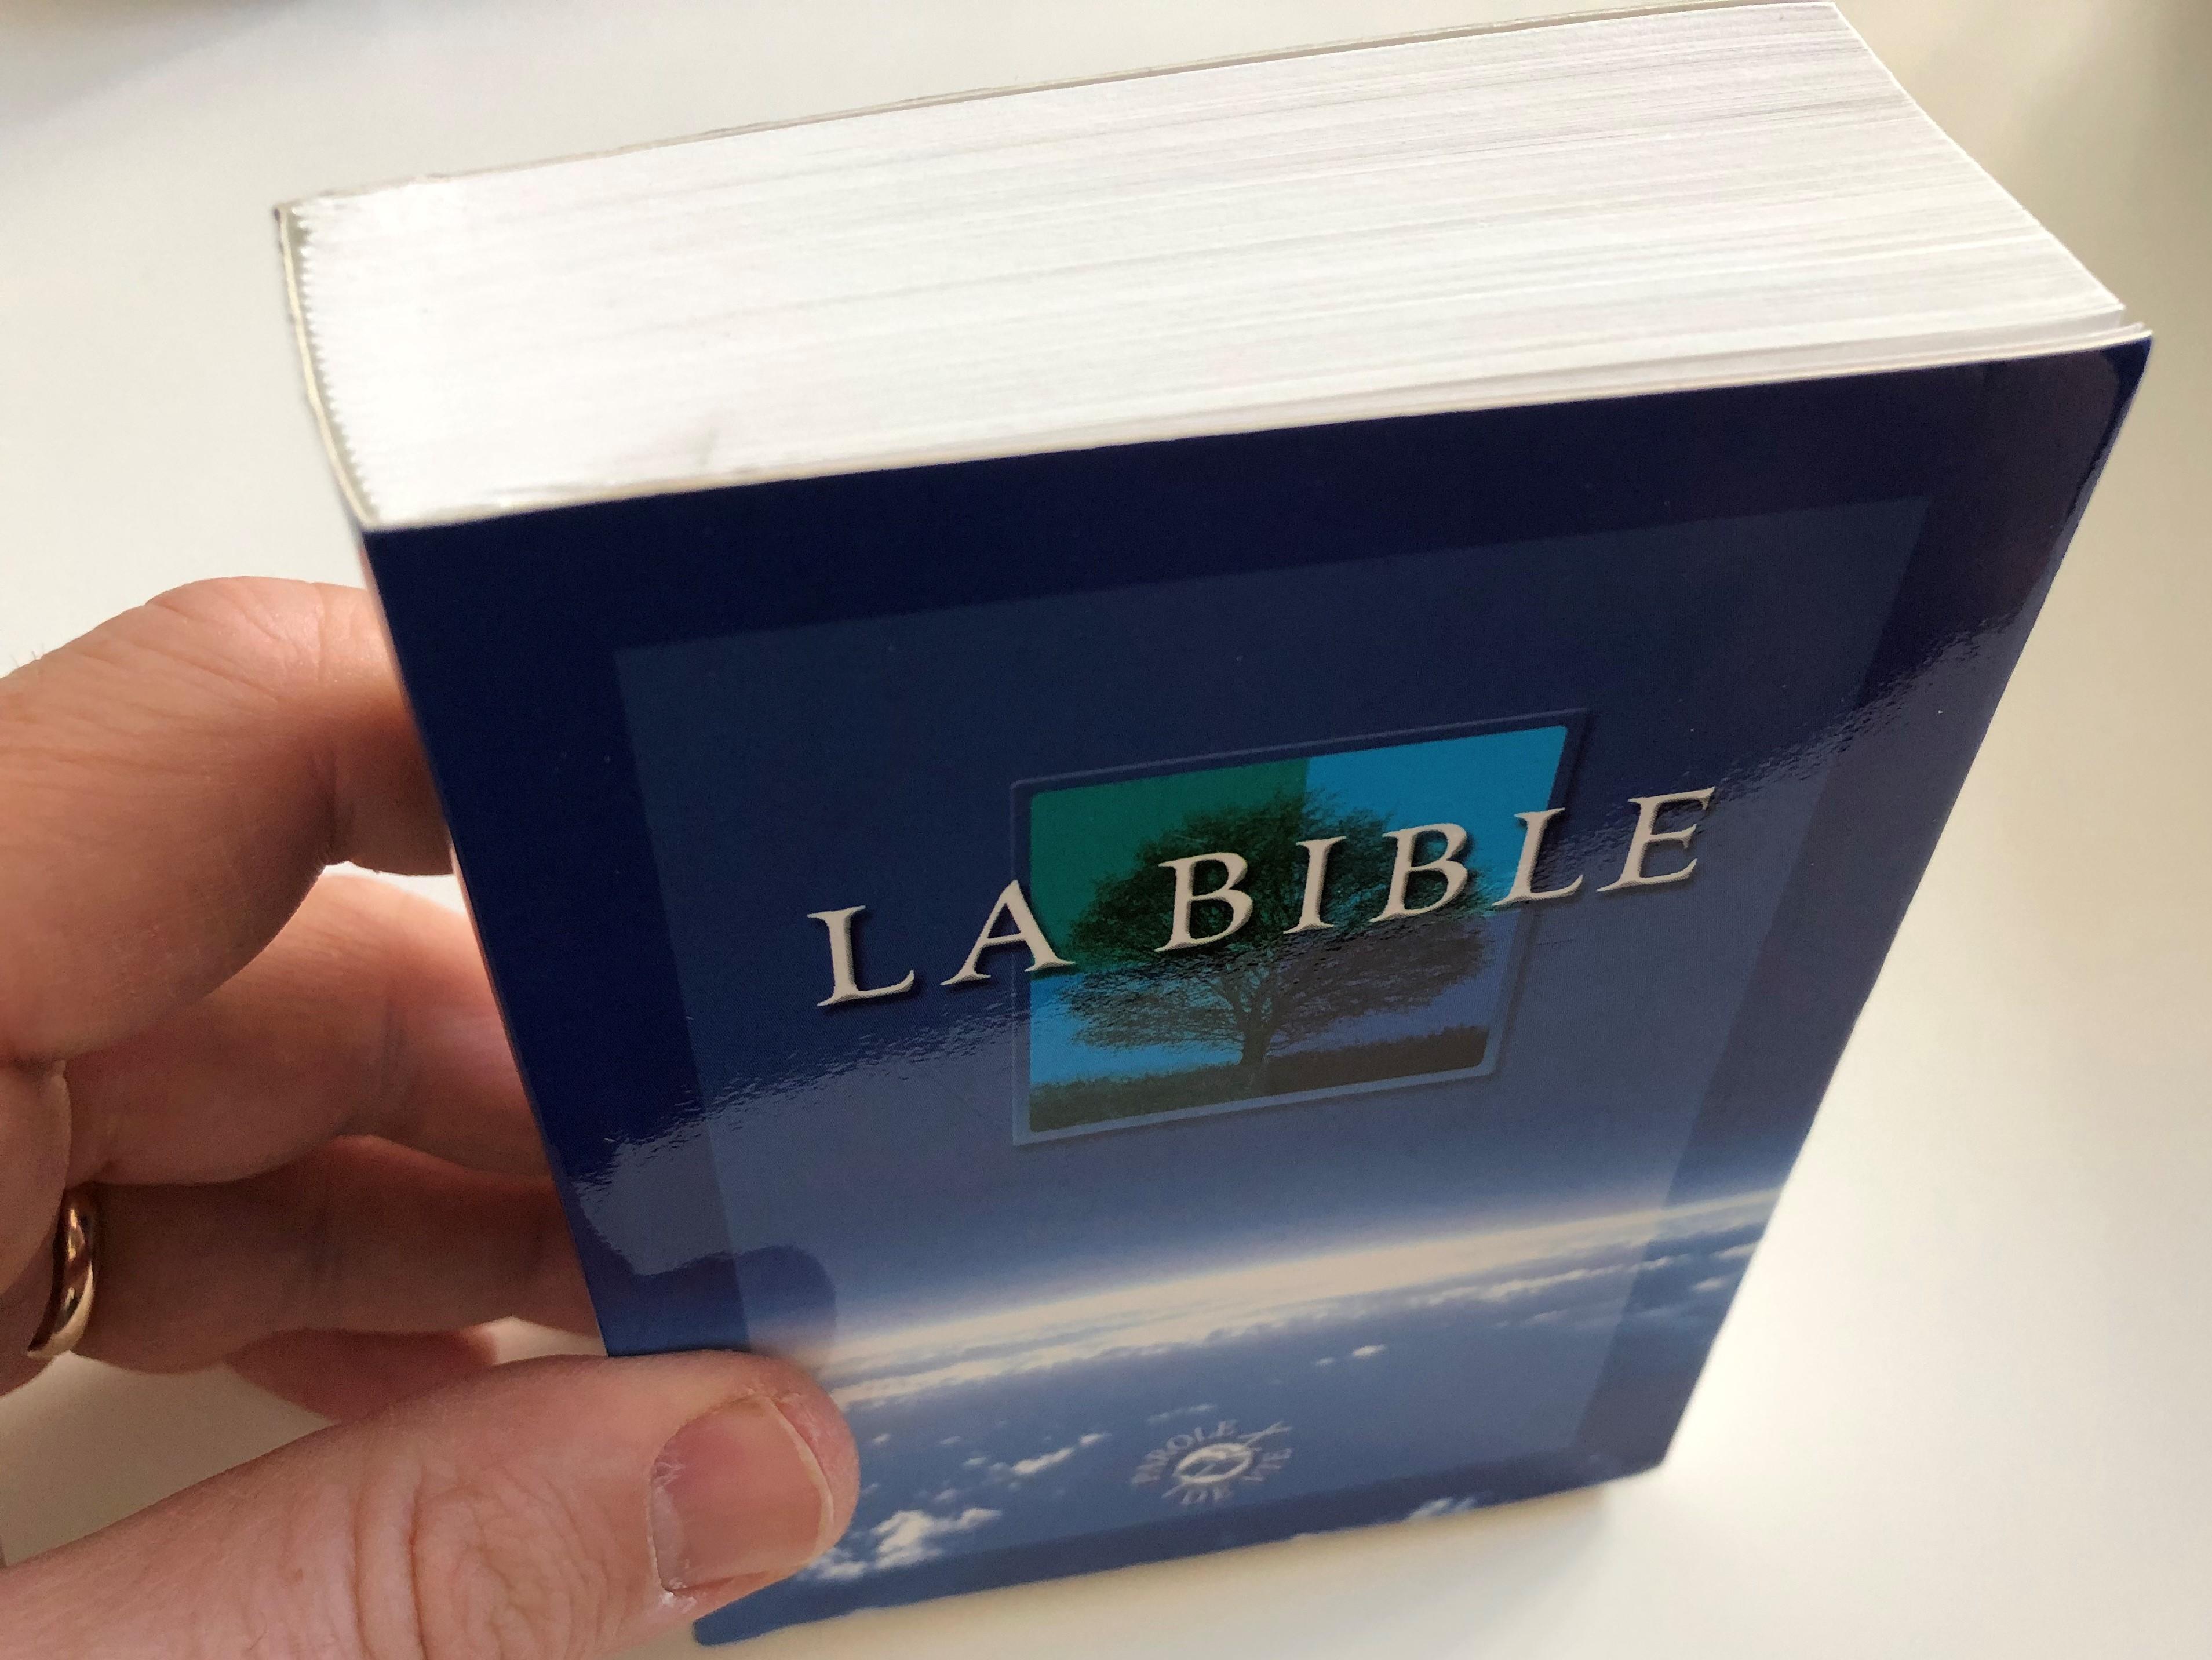 -la-bible-parole-de-vie-french-language-word-of-life-bible-ancien-testament-et-nouveau-testament-3-.jpg